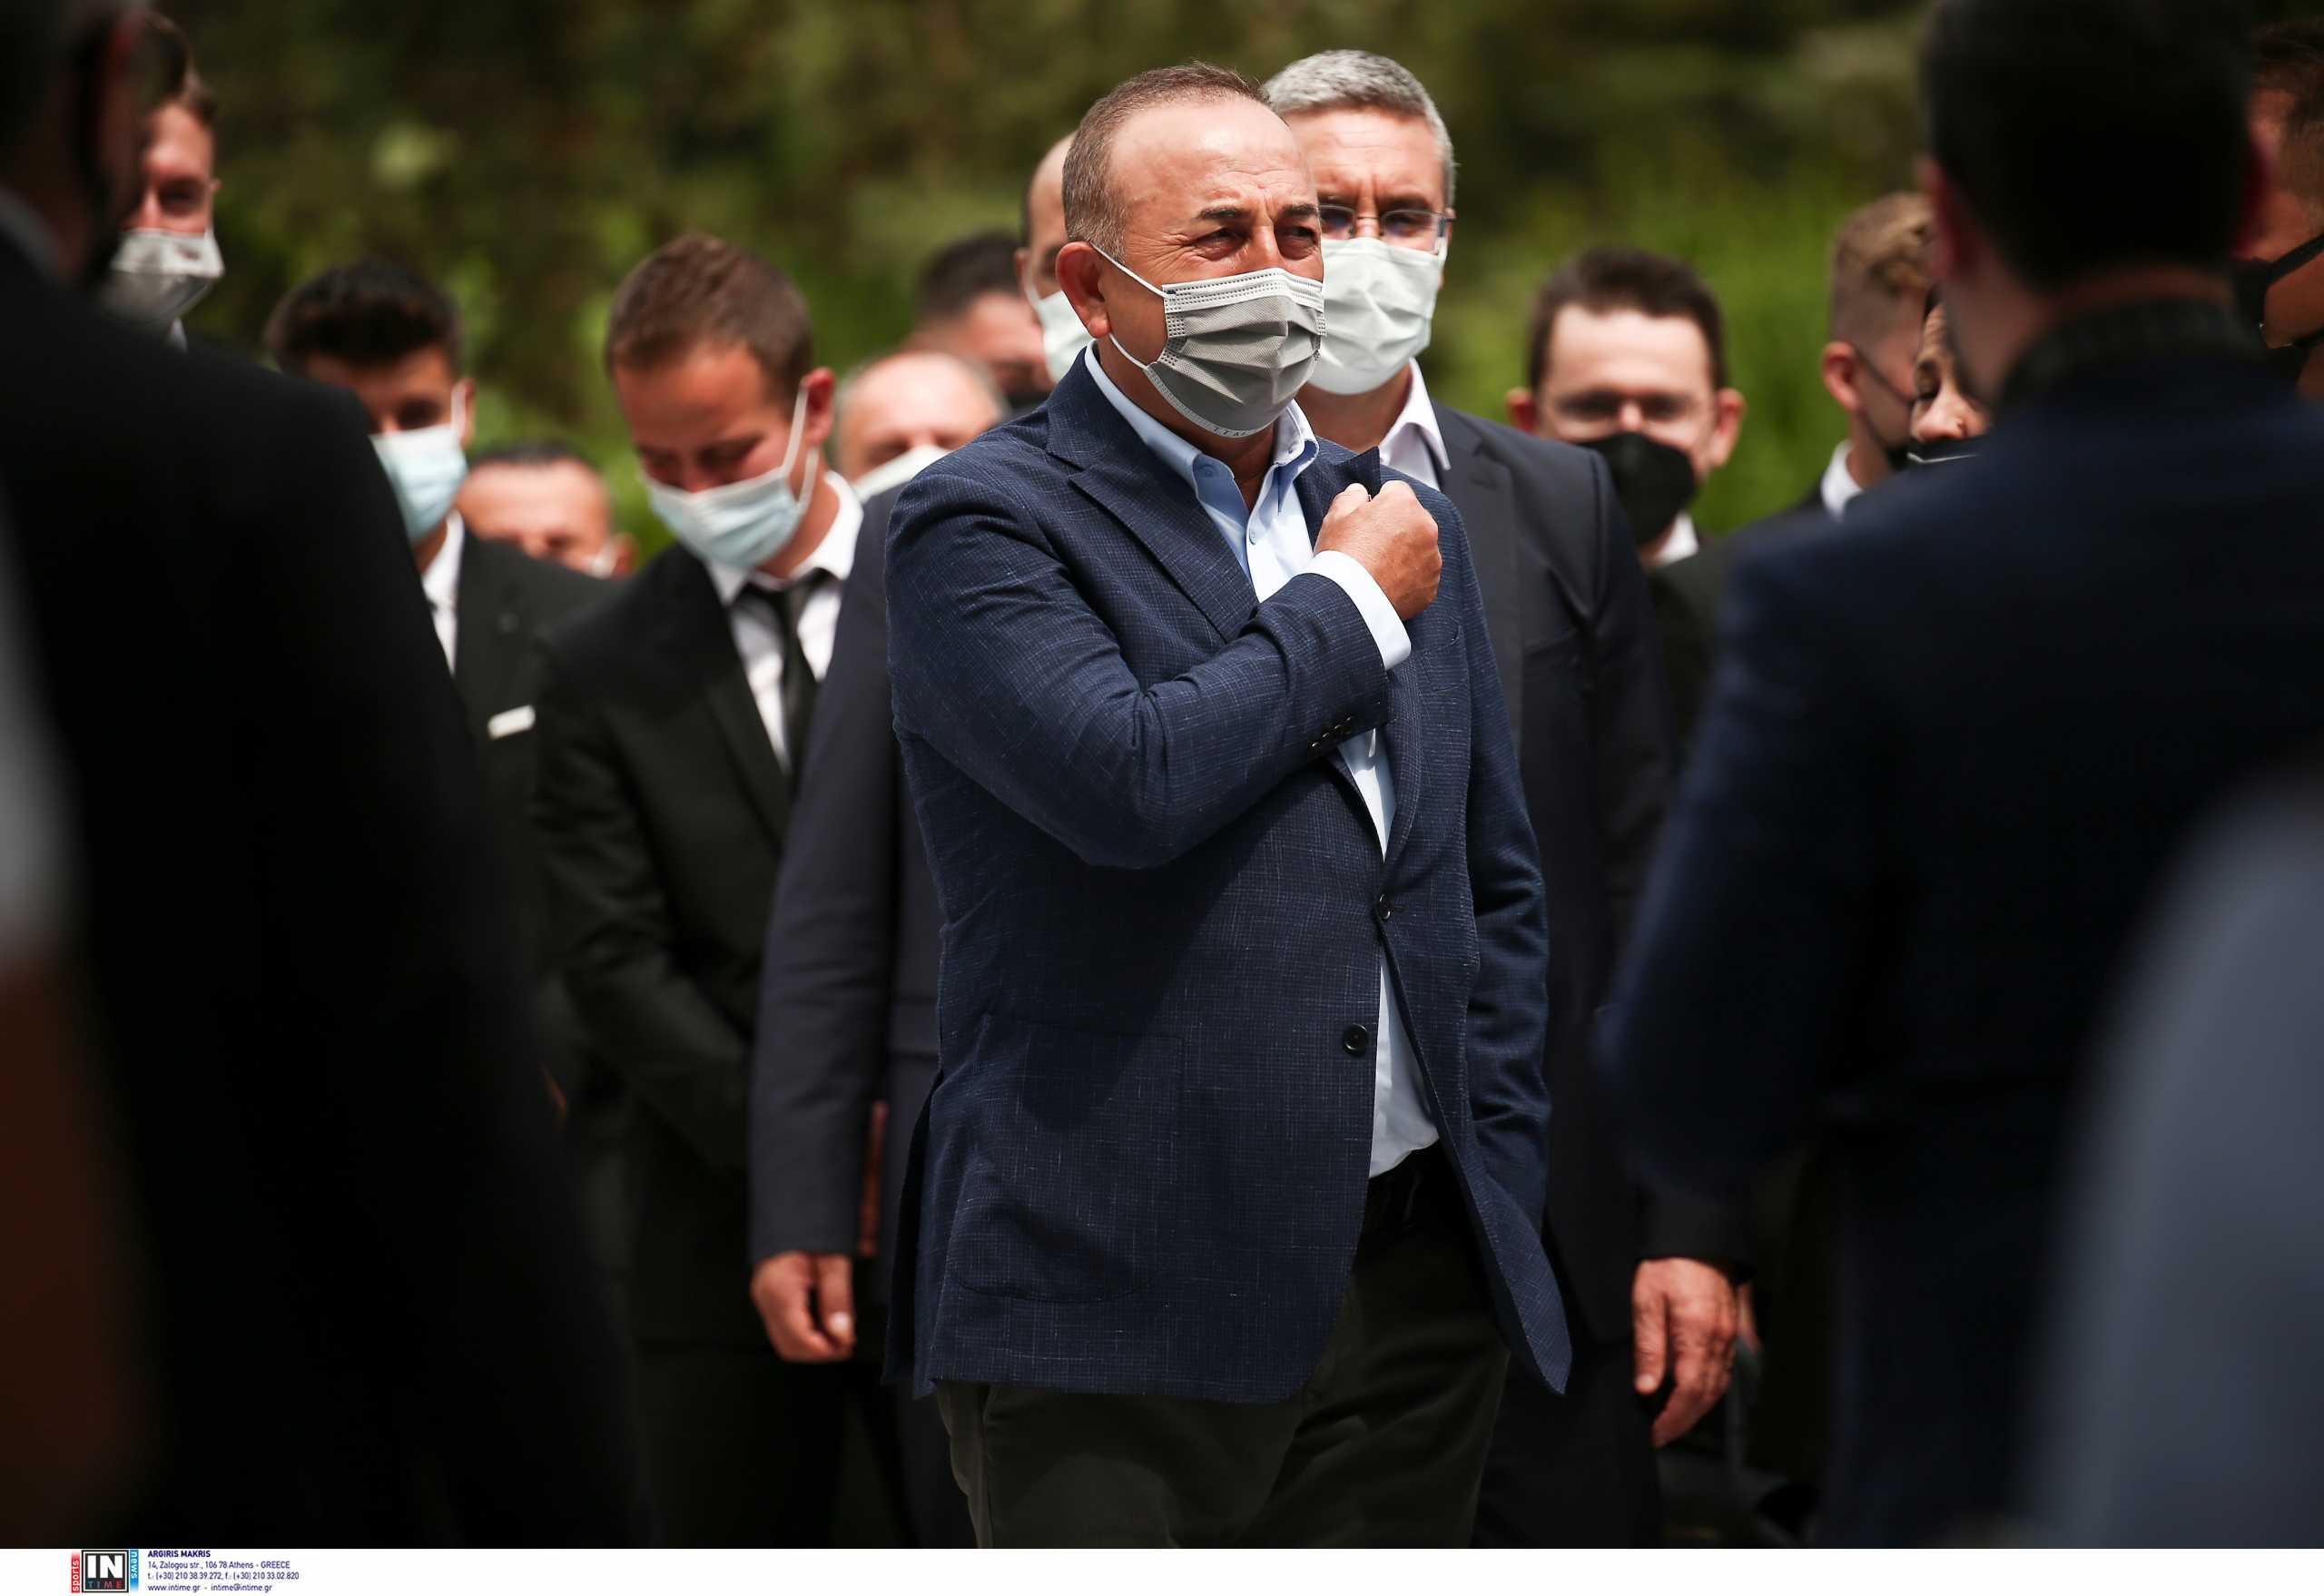 Επίσκεψη Τσαβούσογλου: Αντιδρά το ελληνικό ΥΠΕΞ στις συνεχείς προκλήσεις για «τουρκική μειονότητα»